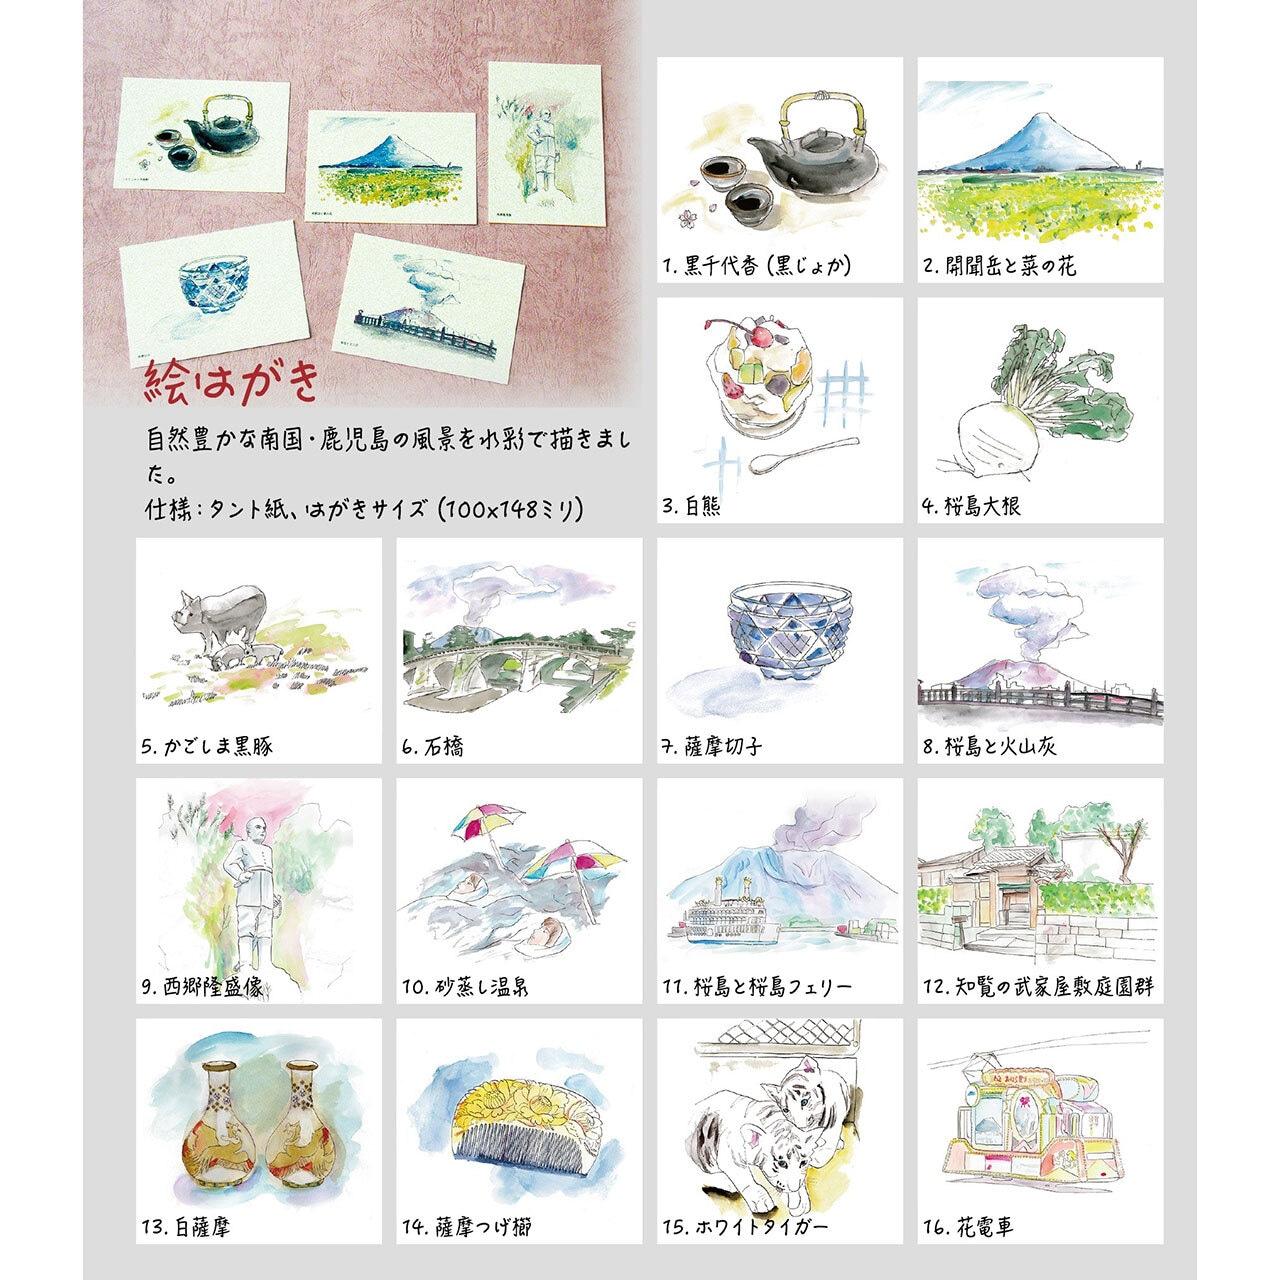 鹿児島絵はがき  (16枚+新規1枚)計17枚セット